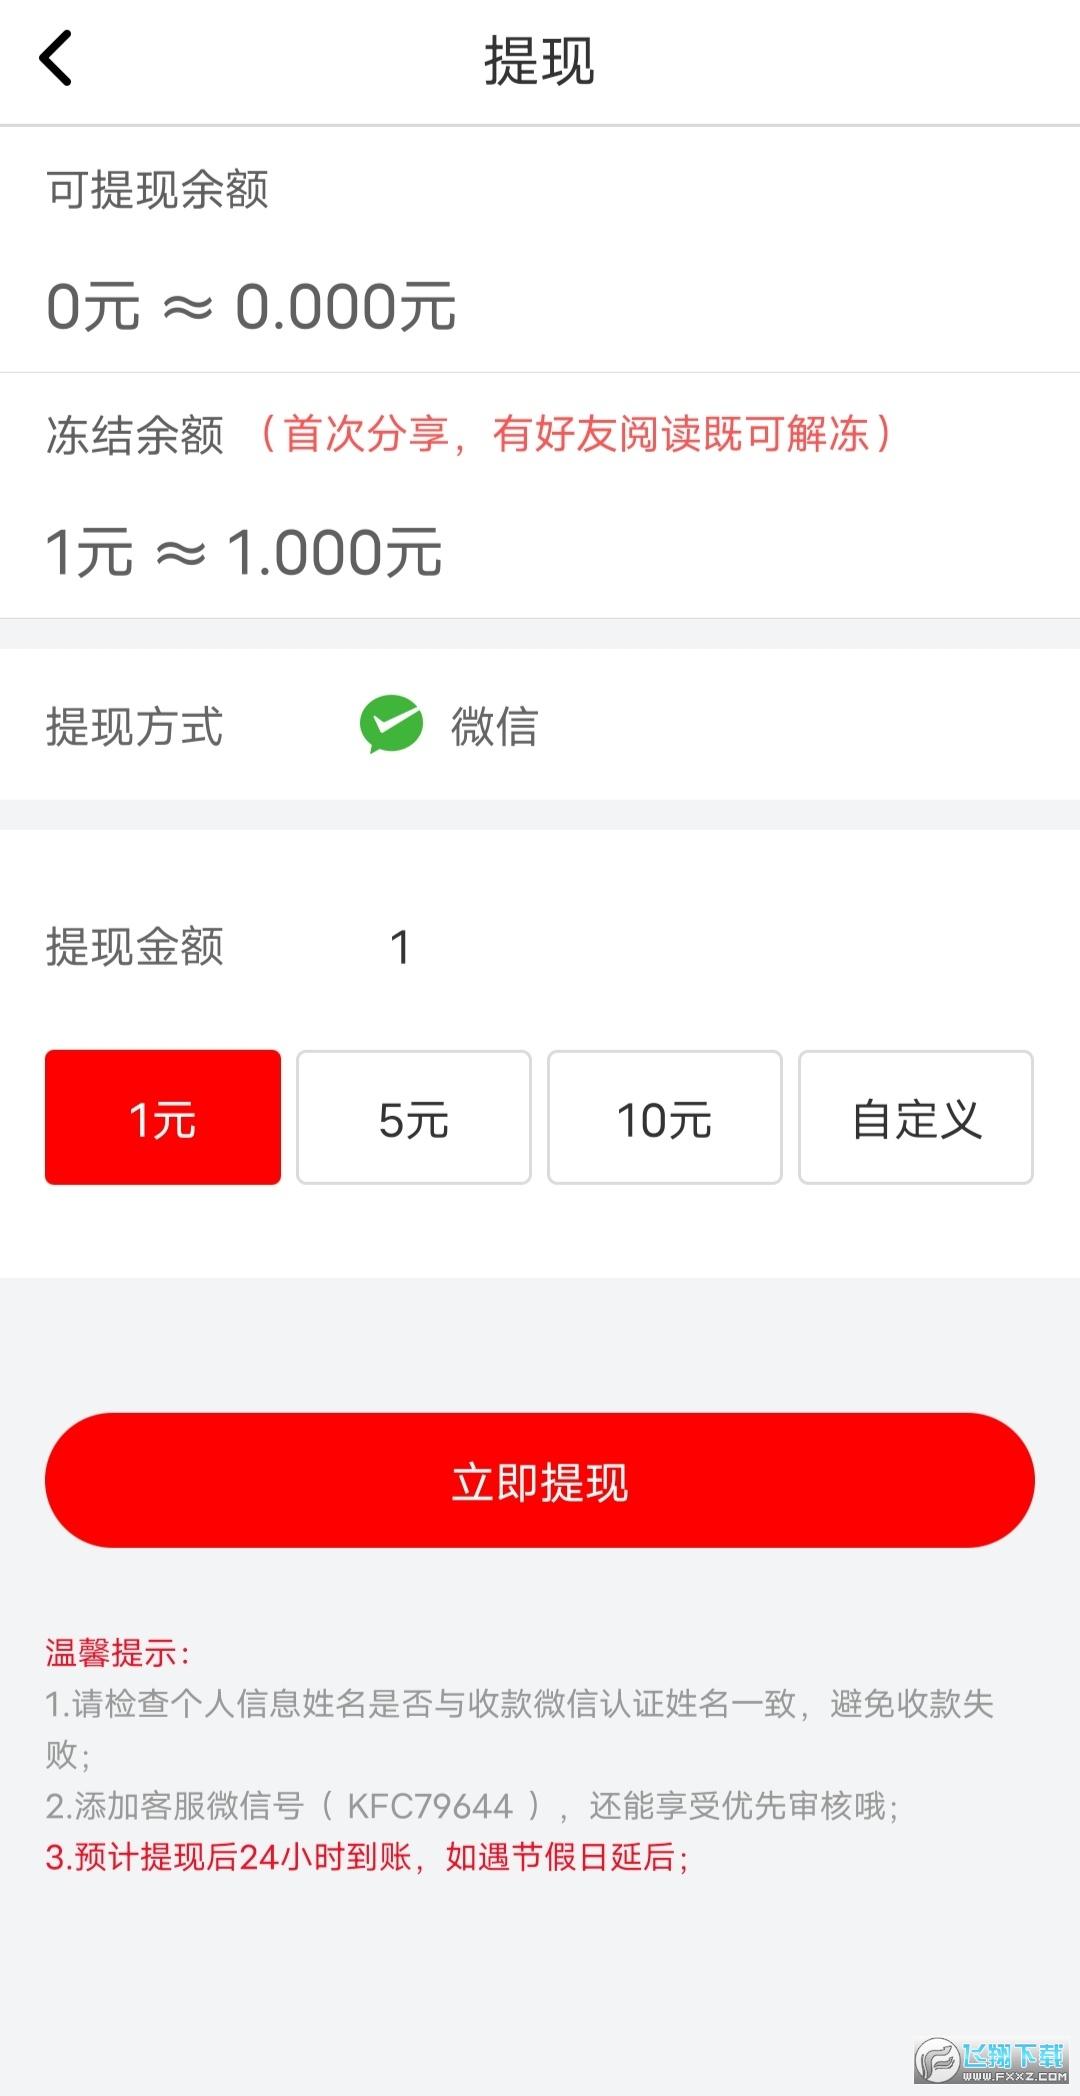 有钱铺极速版转发app1.0.0福利版截图1